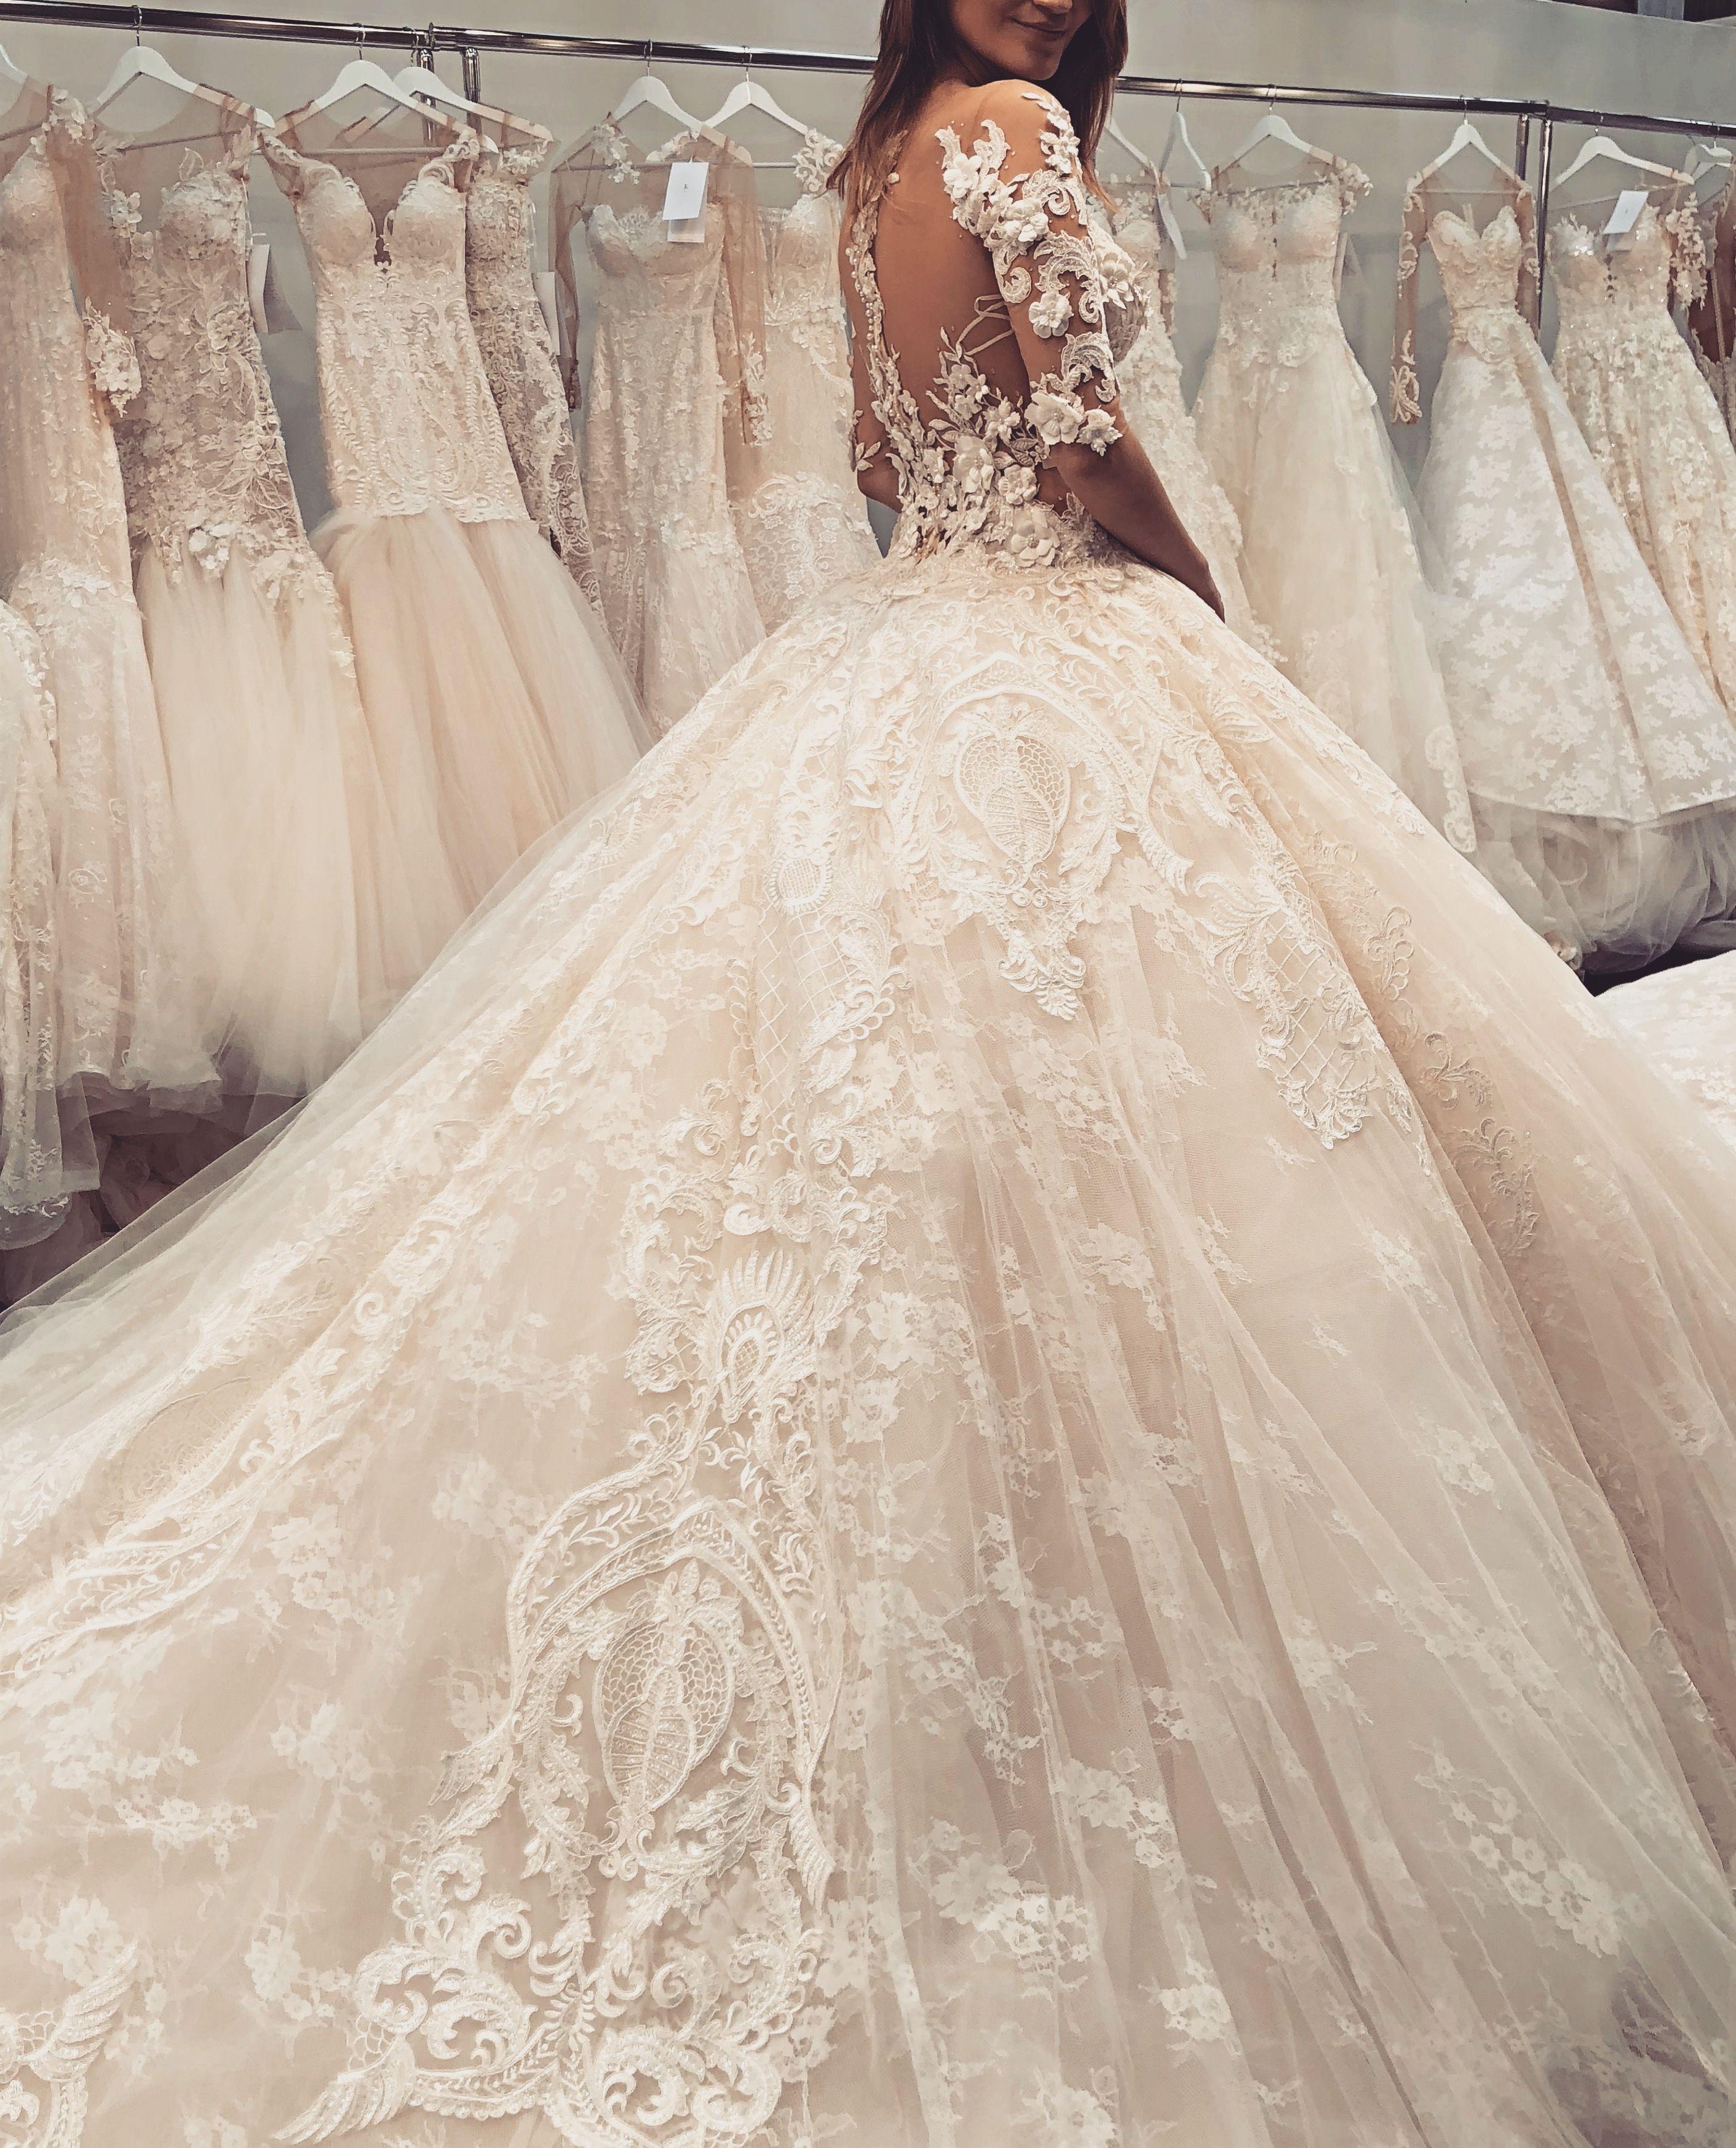 Brautkleid Tüll u. Spitze, Traum Prinzessin Kleid  Boda